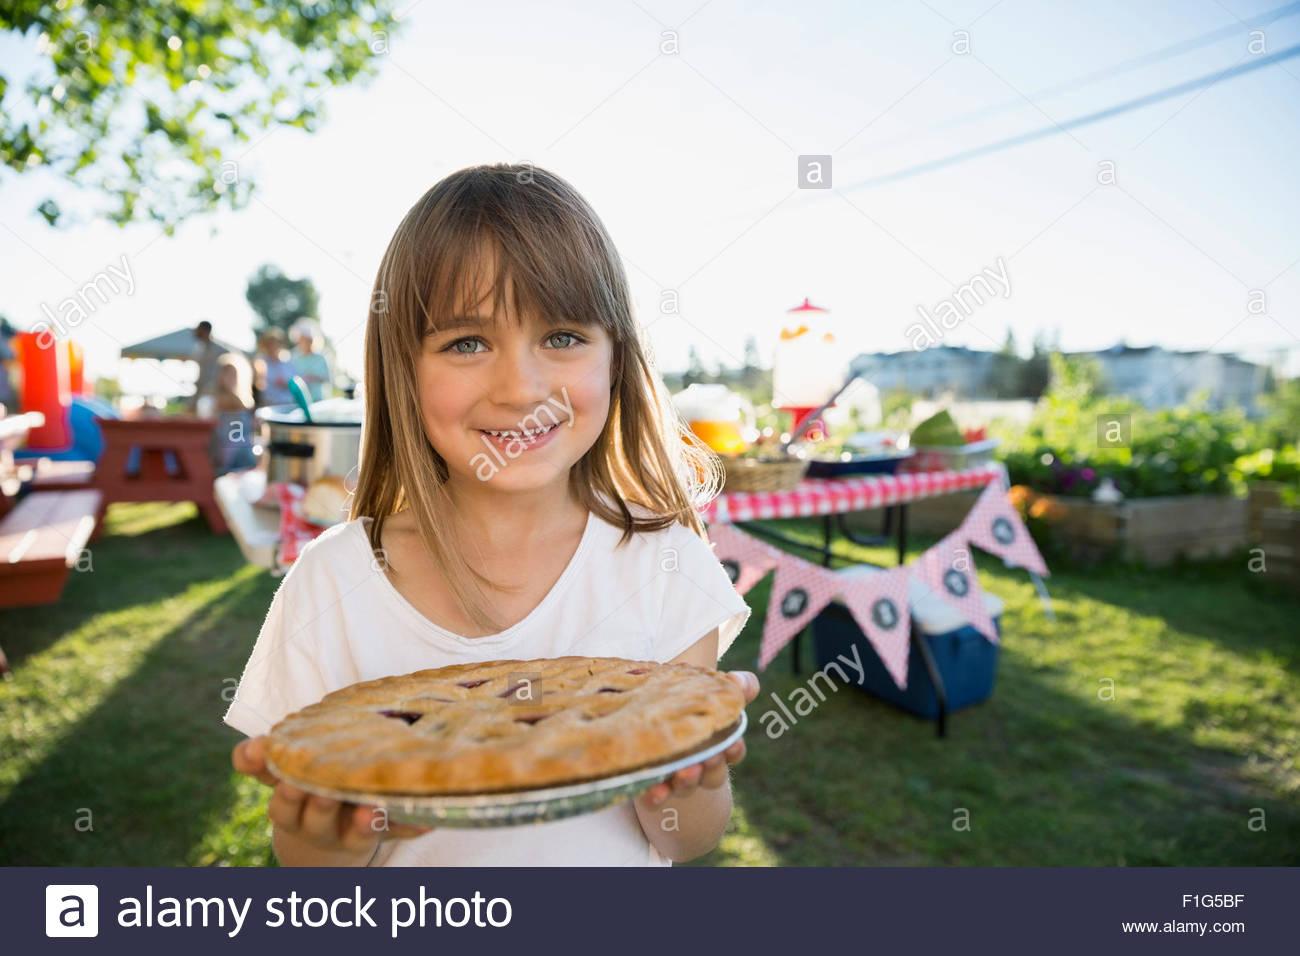 Ritratto sorridente ragazza tenendo sfornato fresco parco a torta Immagini Stock